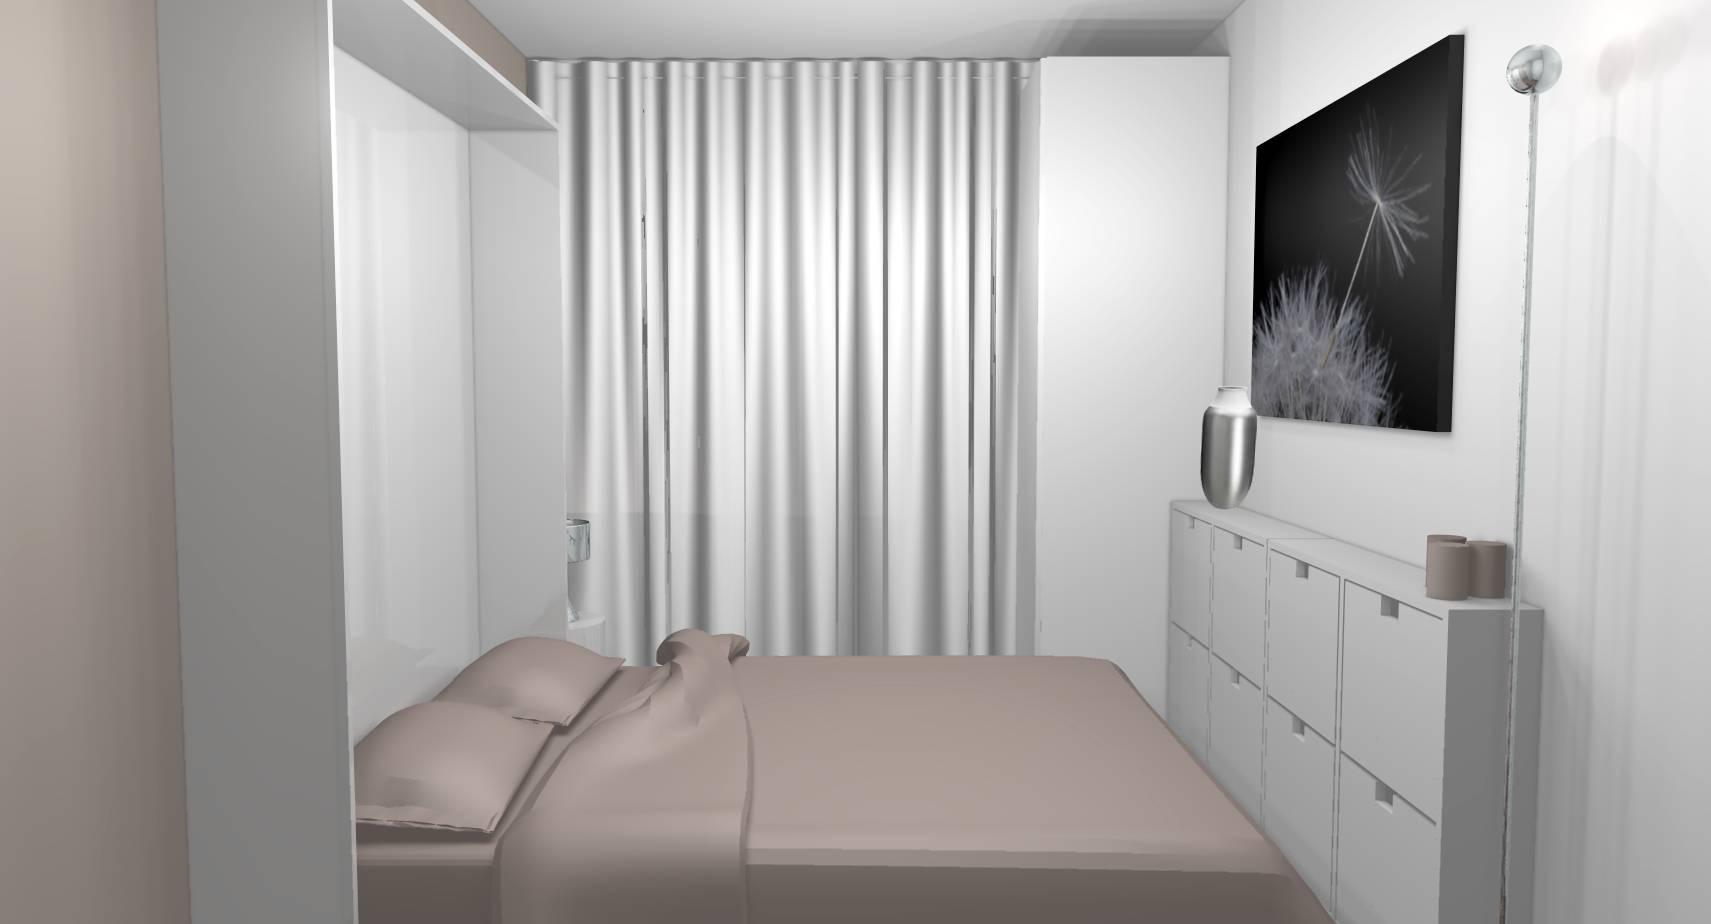 Home Staging Chambre Adulte blog décoration d'intérieur - page 12 sur 21 - designement vôtre